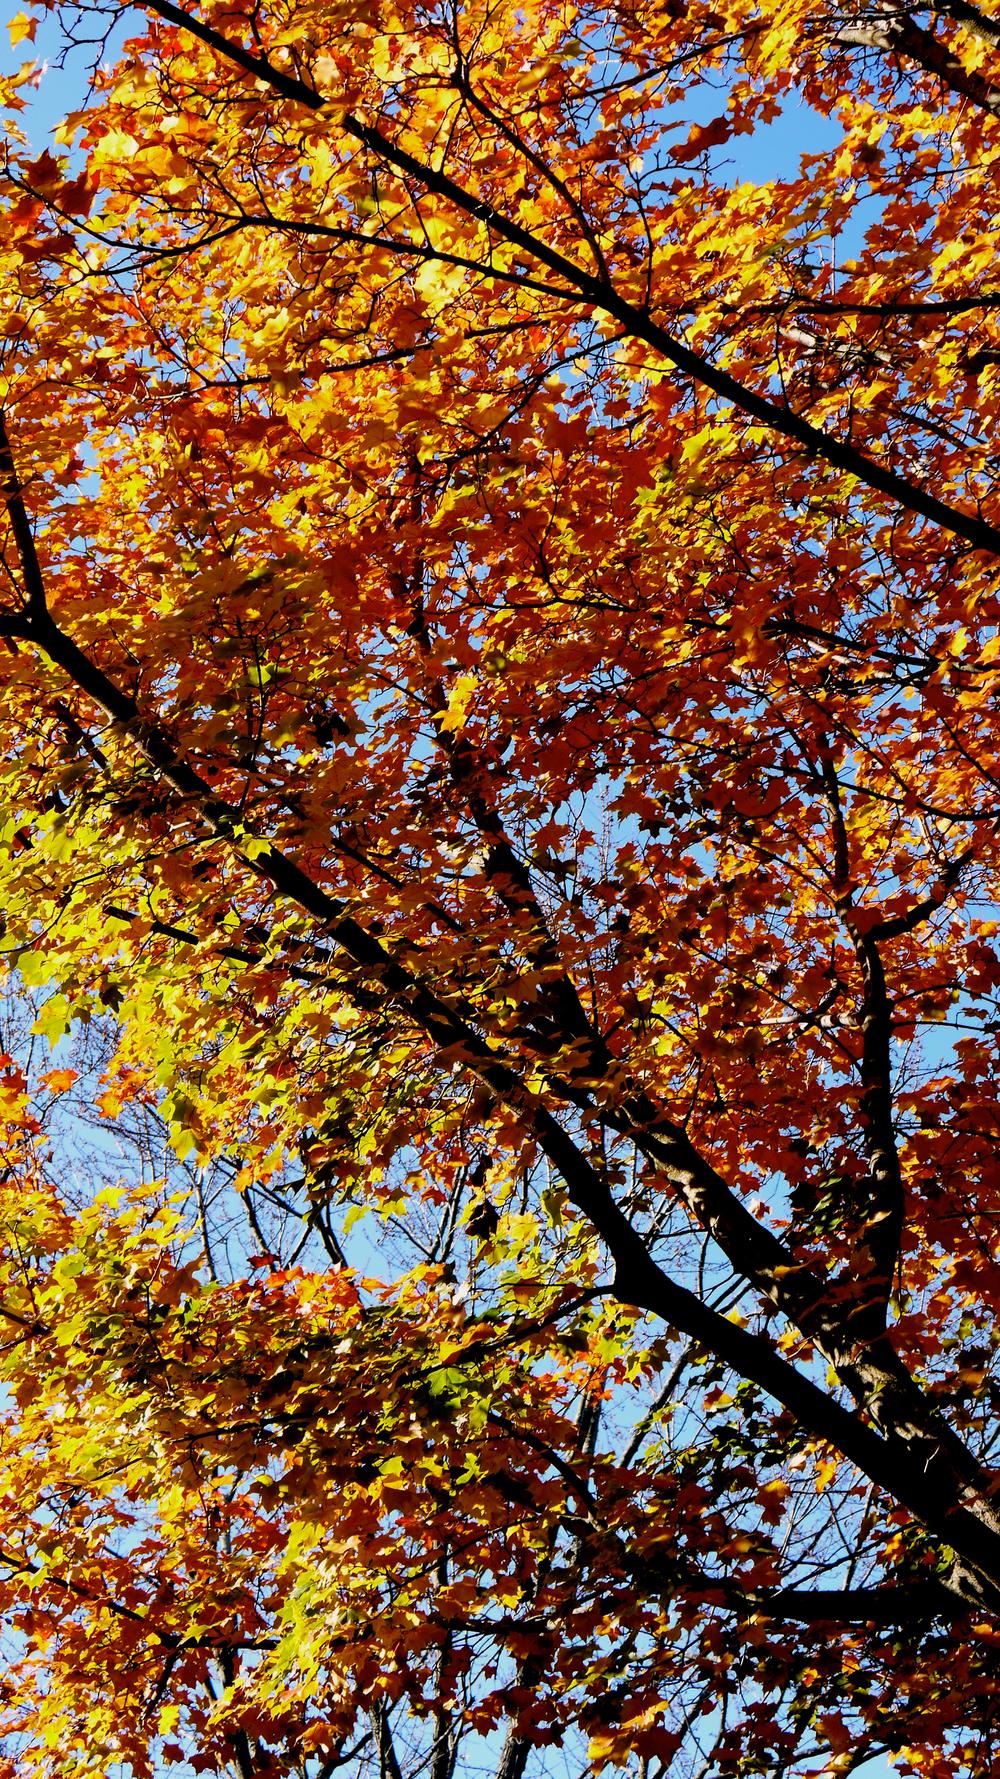 p1000359-leaves.jpg